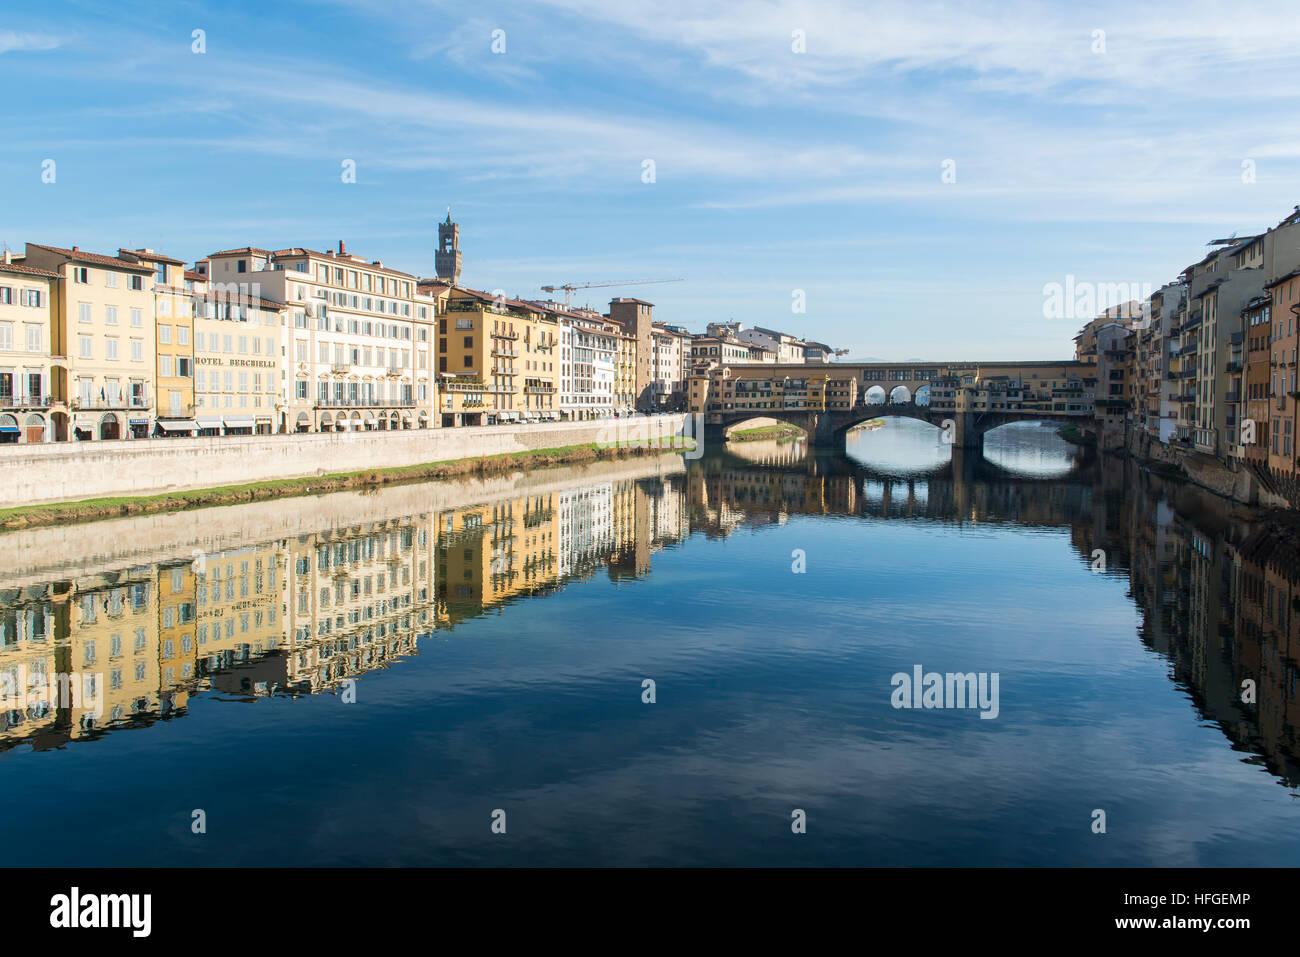 Ponte Vecchio sobre el río Arno en Florencia, Italia. Imagen De Stock